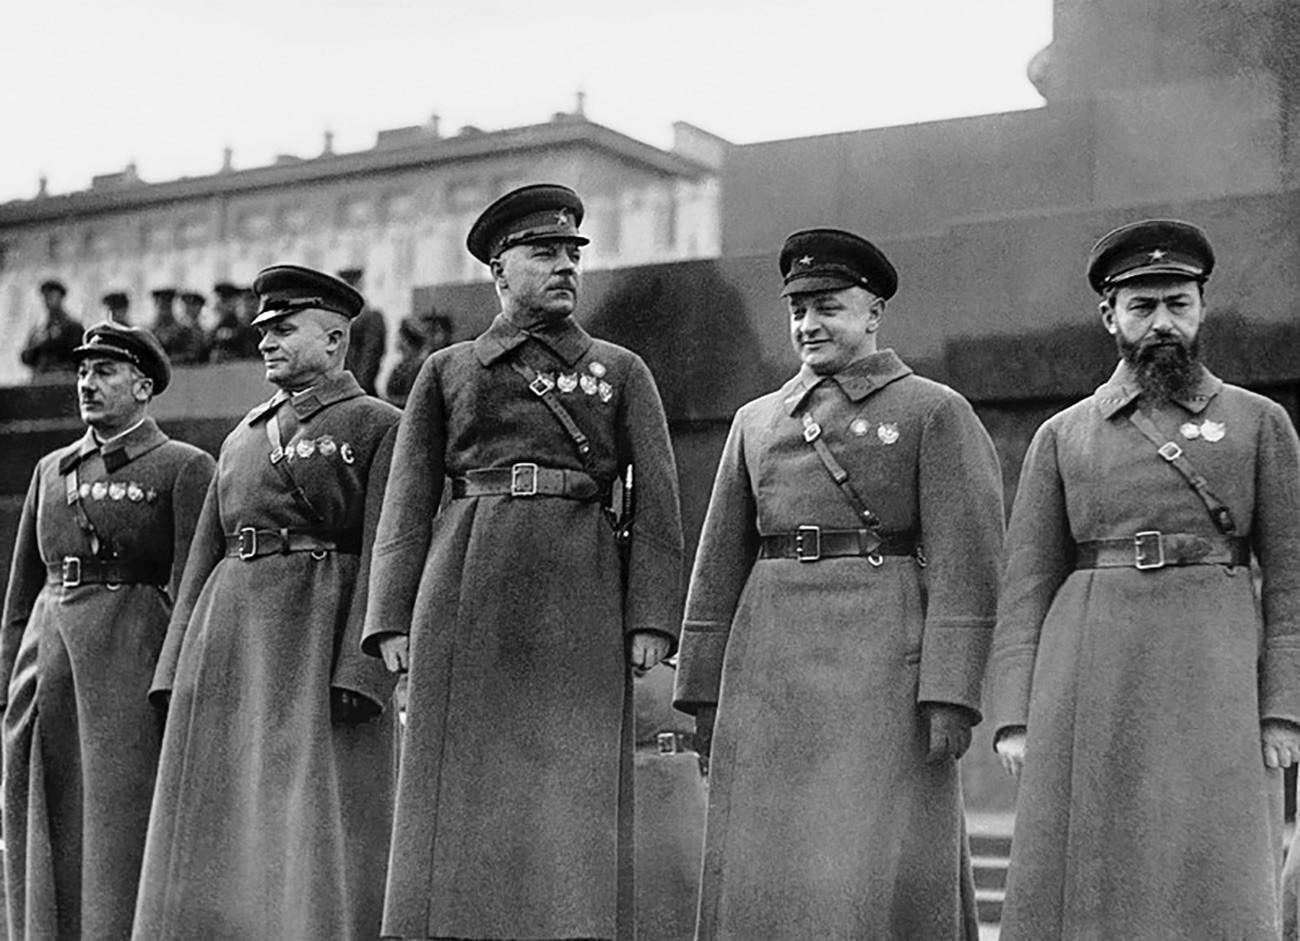 Genrikh Yagoda, Aleksandr Egorov, Kliment Voroshilov, Mikhail Tukhachevsky, Yan Gamarnik